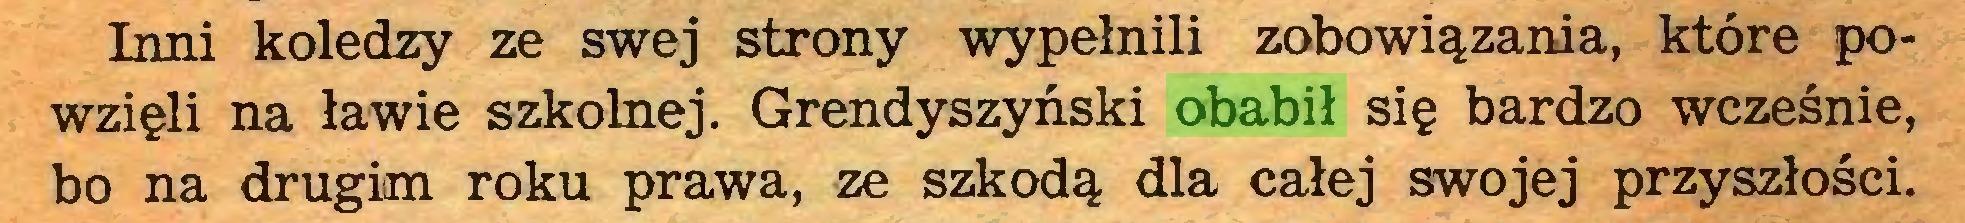 (...) Tnni koledzy ze swej strony wypełnili zobowiązania, które powzięli na ławie szkolnej. Grendyszyński obabił się bardzo wcześnie, bo na drugim roku prawa, ze szkodą dla całej swojej przyszłości...